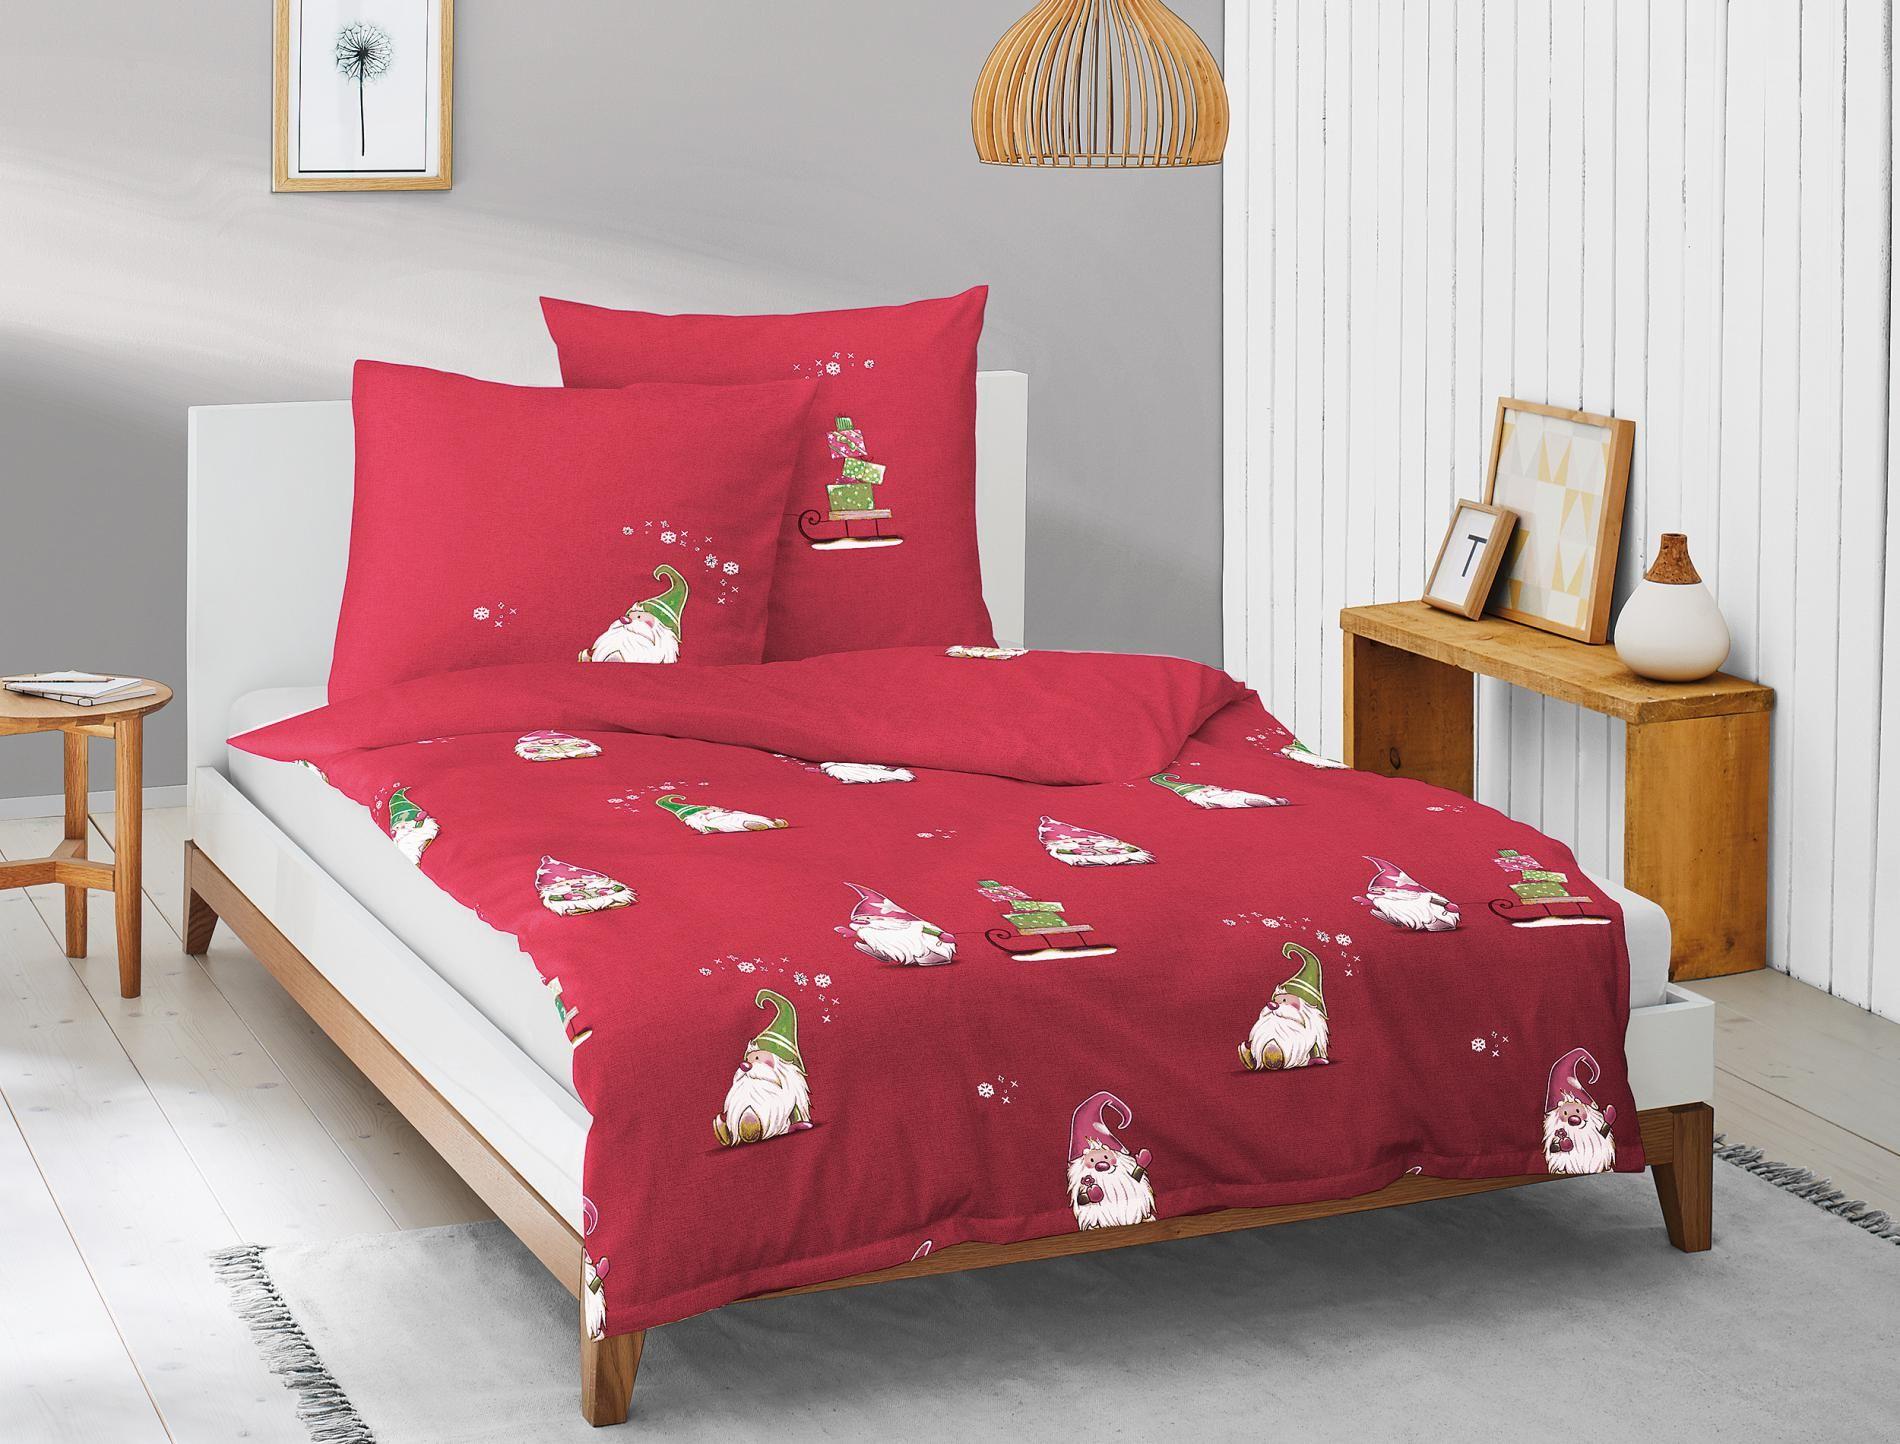 Die Kleinen Wichtel Sind Unterwegs Bettwäsche Bett Ideen Feinbiber Bettwäsche